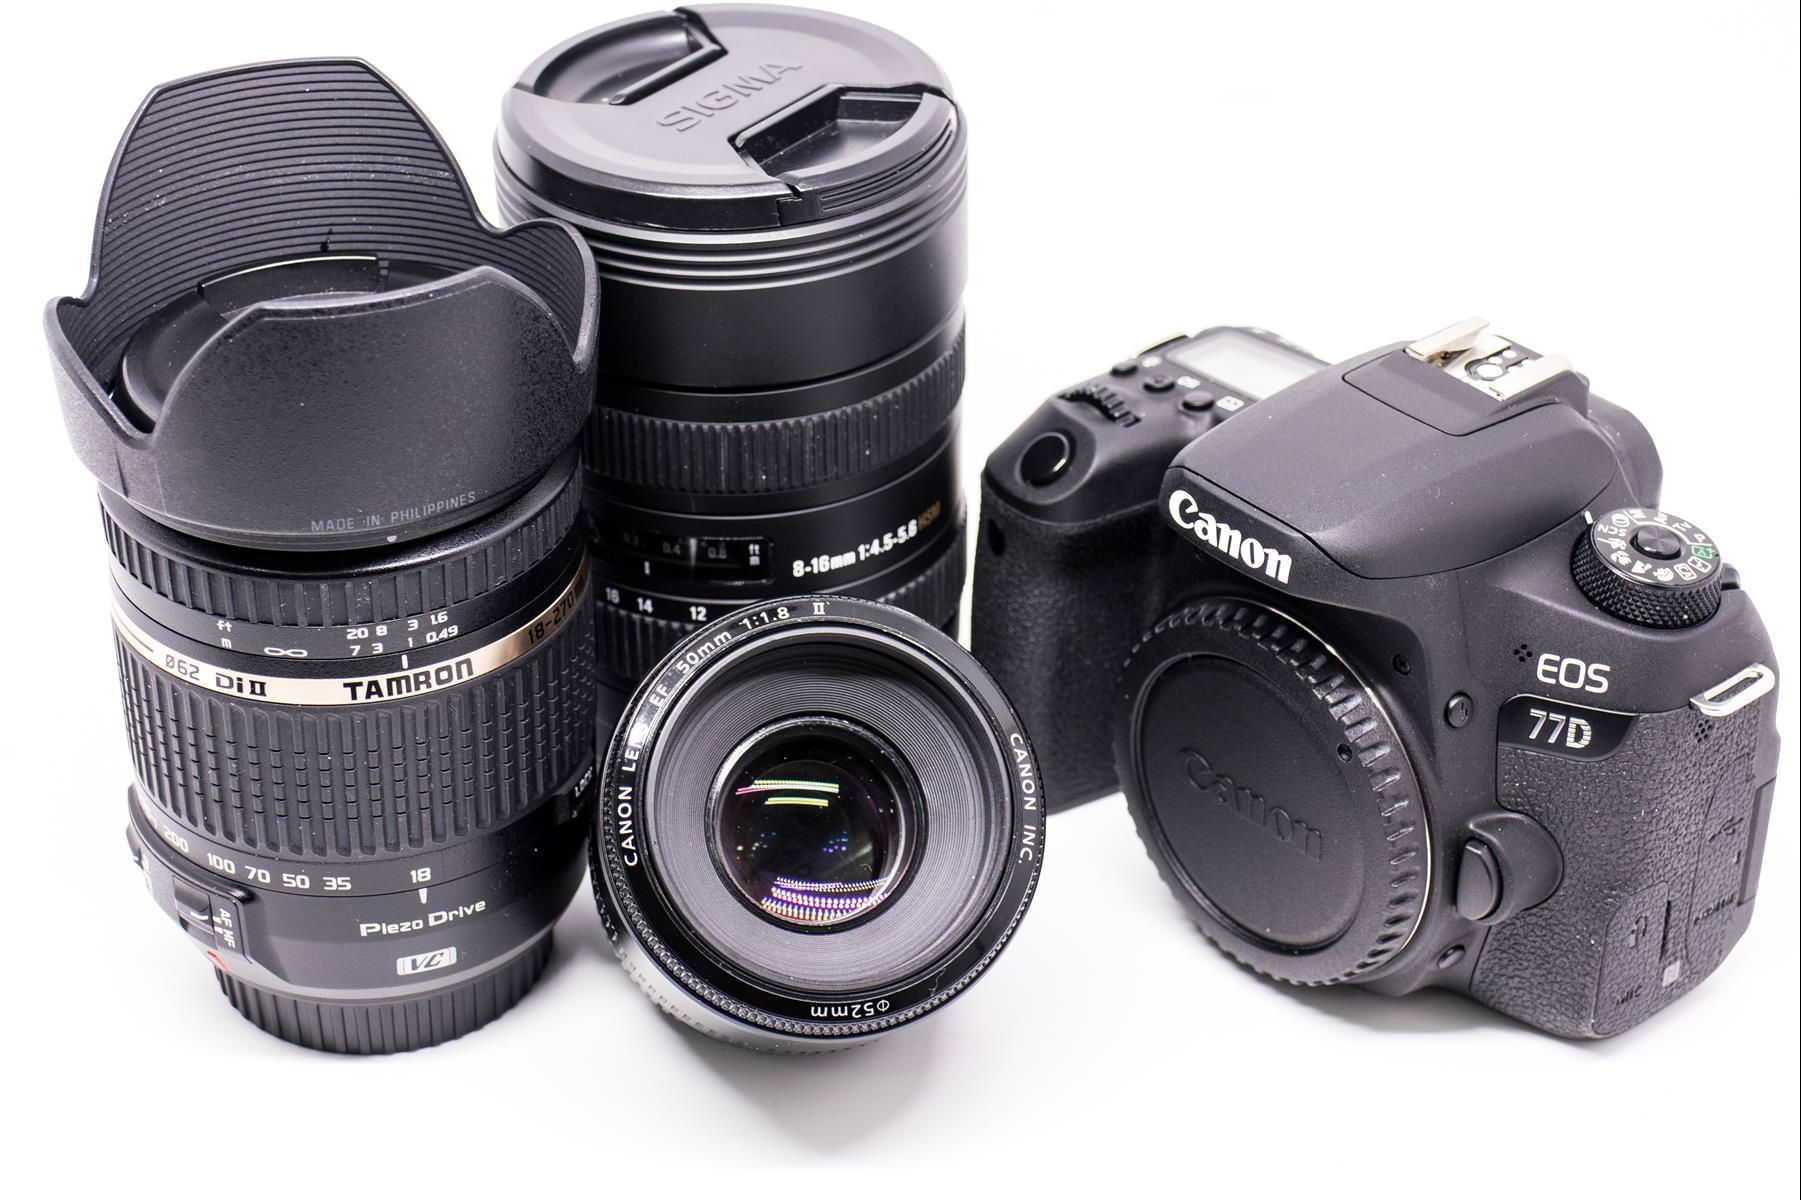 單眼微單與類單眼的差別 ,最近一兩年在相機界掀起熱潮,配合新一代 digic 7 數位影像處理器,還沒買好一臺相機要趕緊了!本篇文章要來介紹亞洲少女最愛的「微單眼相機」,這話題蠻多初學朋友會搞混呀,但Panasonic G1剛推出時,量販批發廣場]